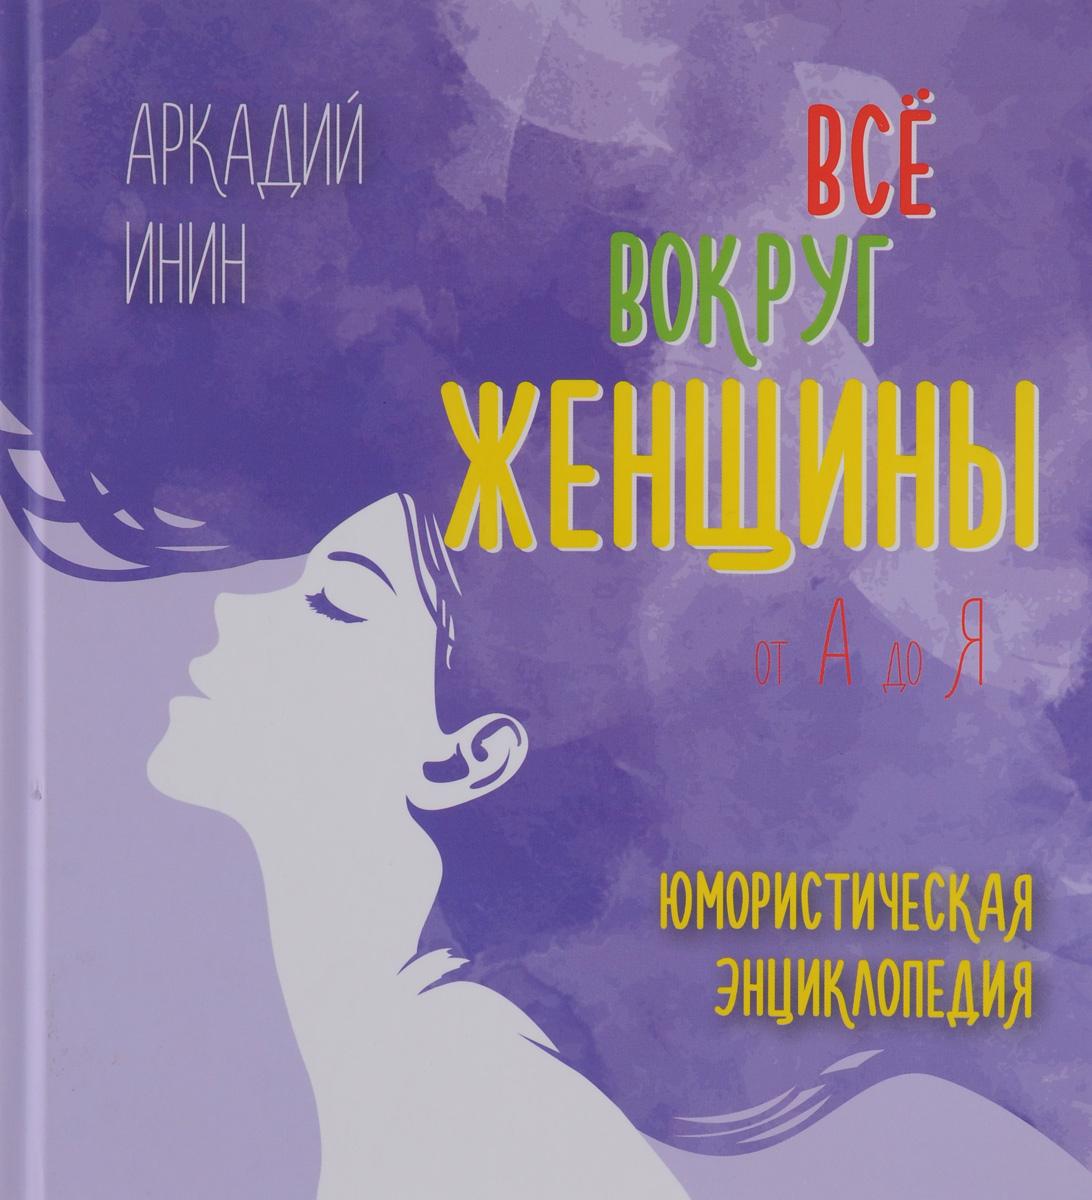 Аркадий Инин Все о женщине от А до Я. Юмористическая энциклопедия